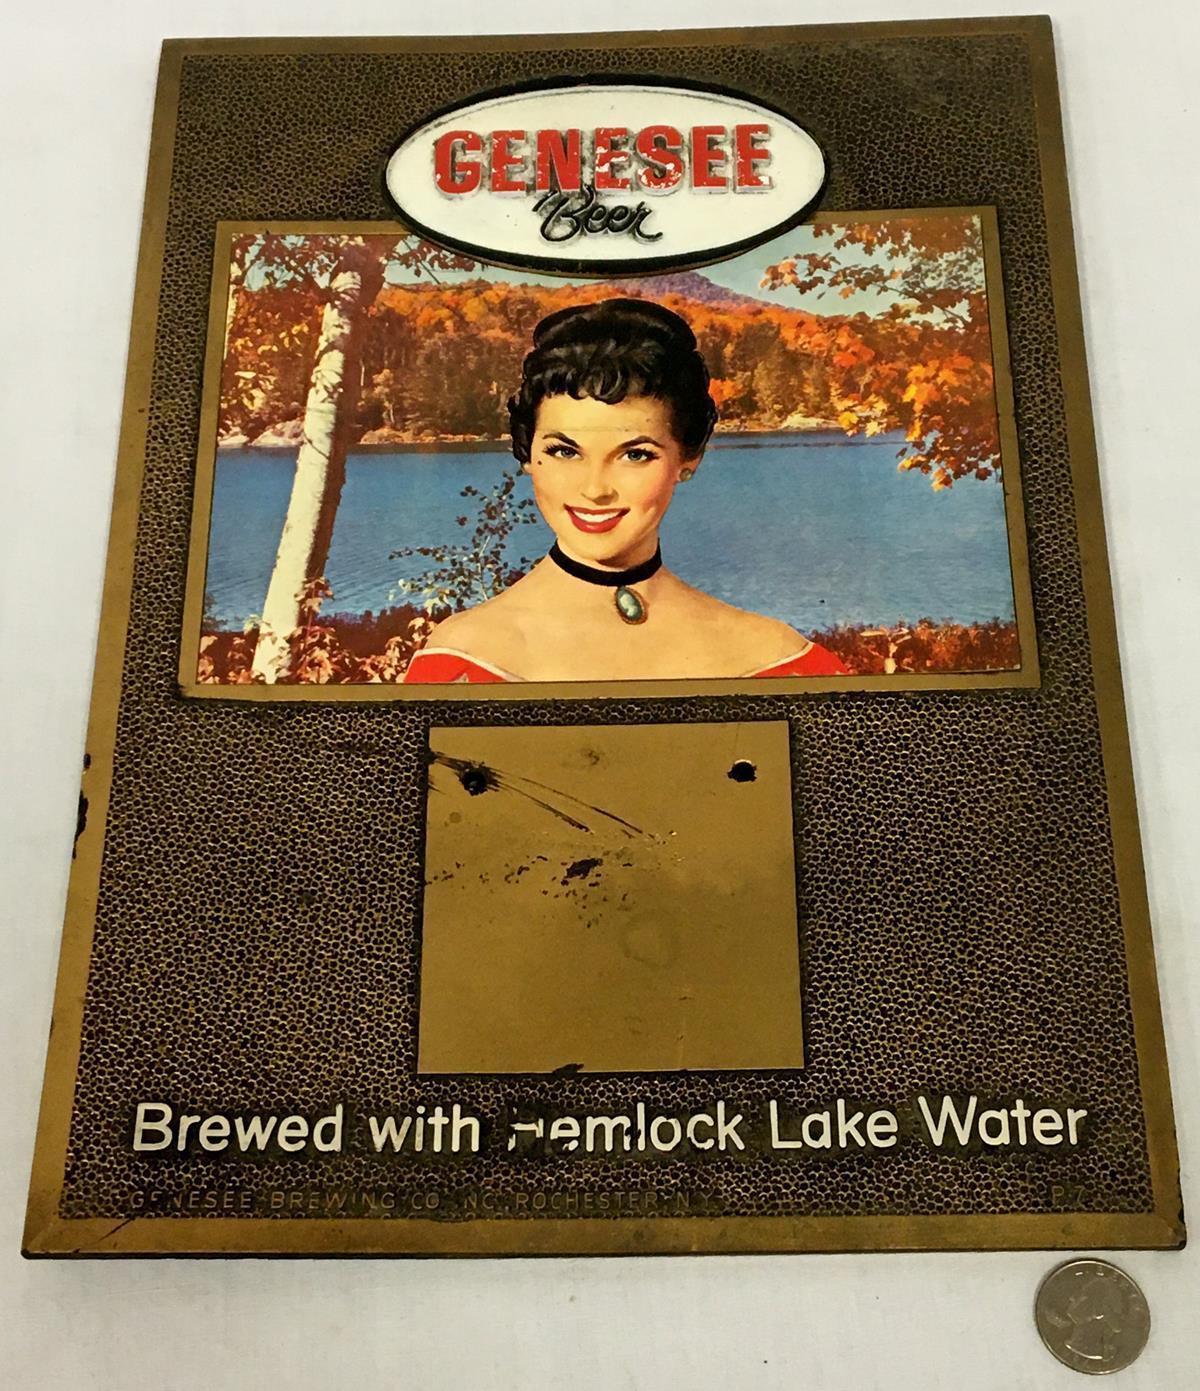 """Vintage c. 1960 Genesee Beer """"Brewed With Hemlock Lake Water"""" Calendar Holder Bar Sign"""